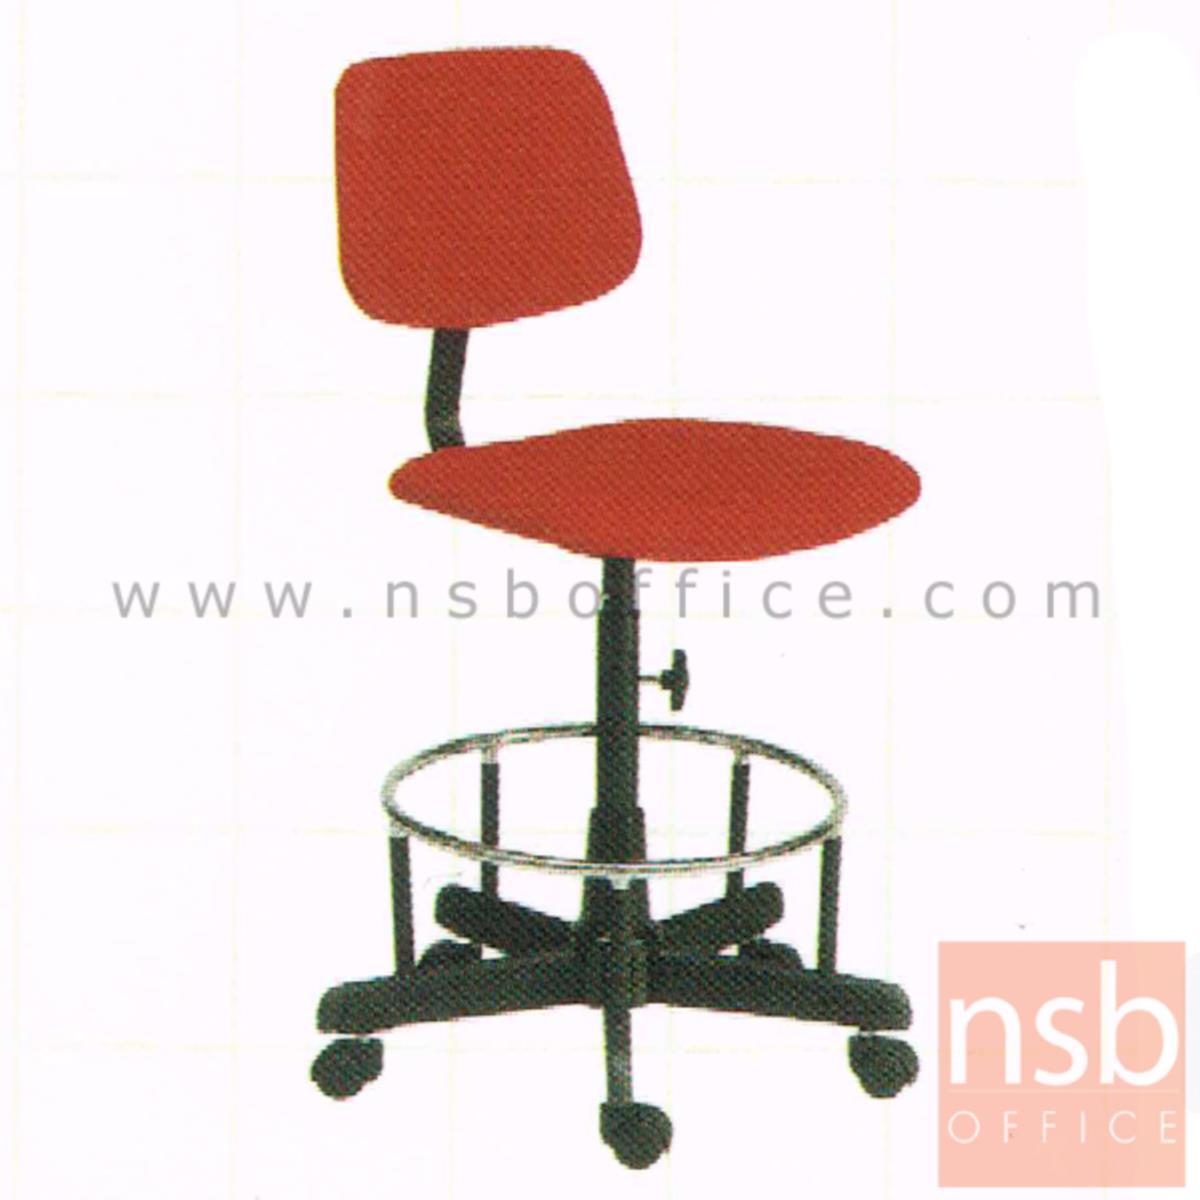 B26A123:เก้าอี้บาร์ที่นั่งเหลี่ยมล้อเลื่อน รุ่น Dwight (ดไวท์)  ขาเหล็ก